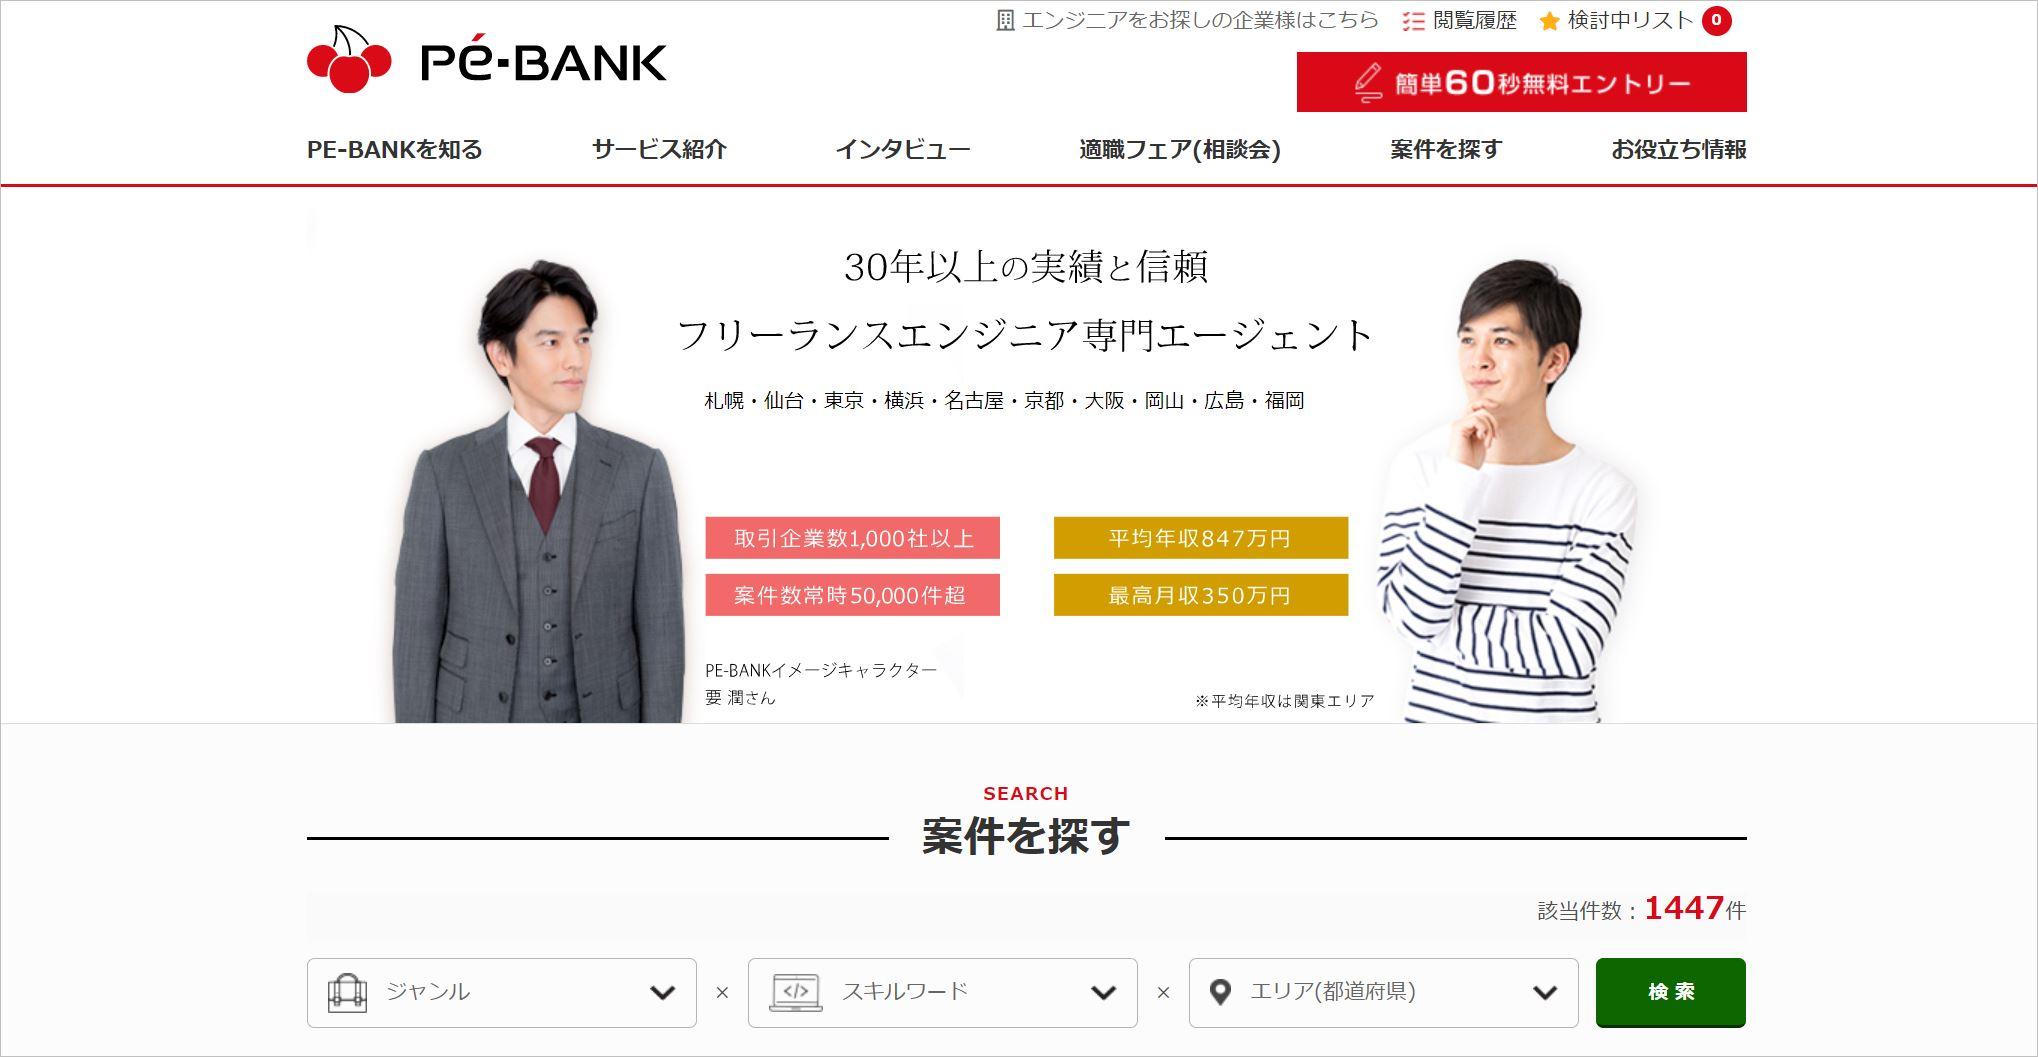 PE-BANKのトップ画面